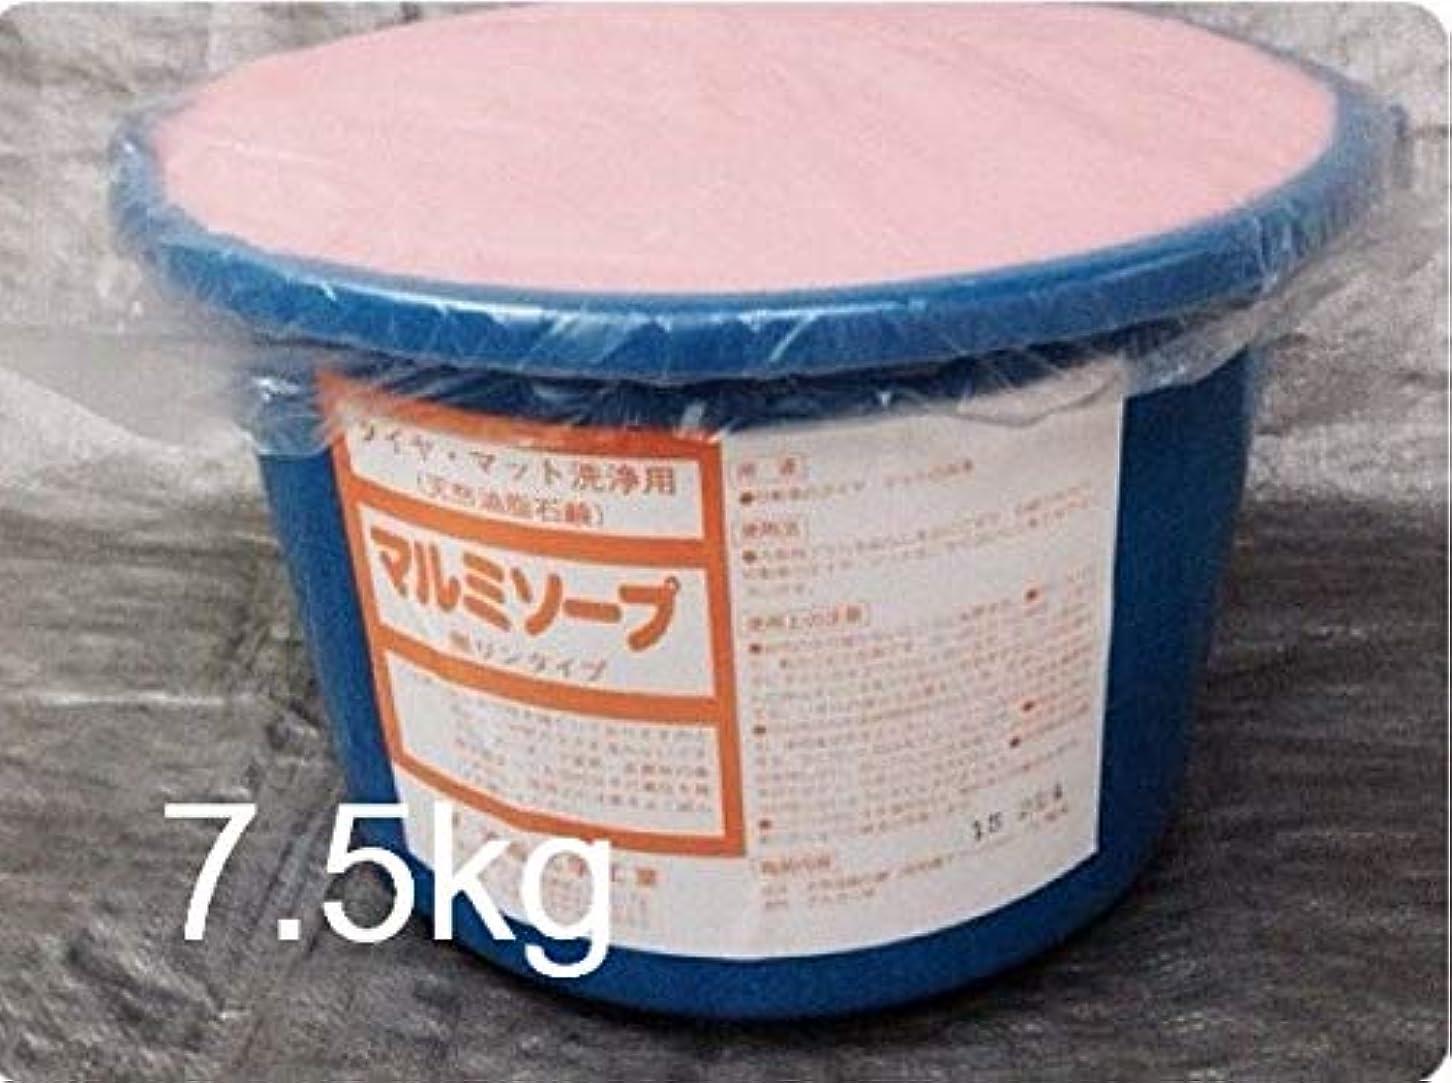 終わった寮アデレードバケツ石鹸7.5kg 国産固形石鹸 タイヤ洗浄用 タイヤマット用石鹸